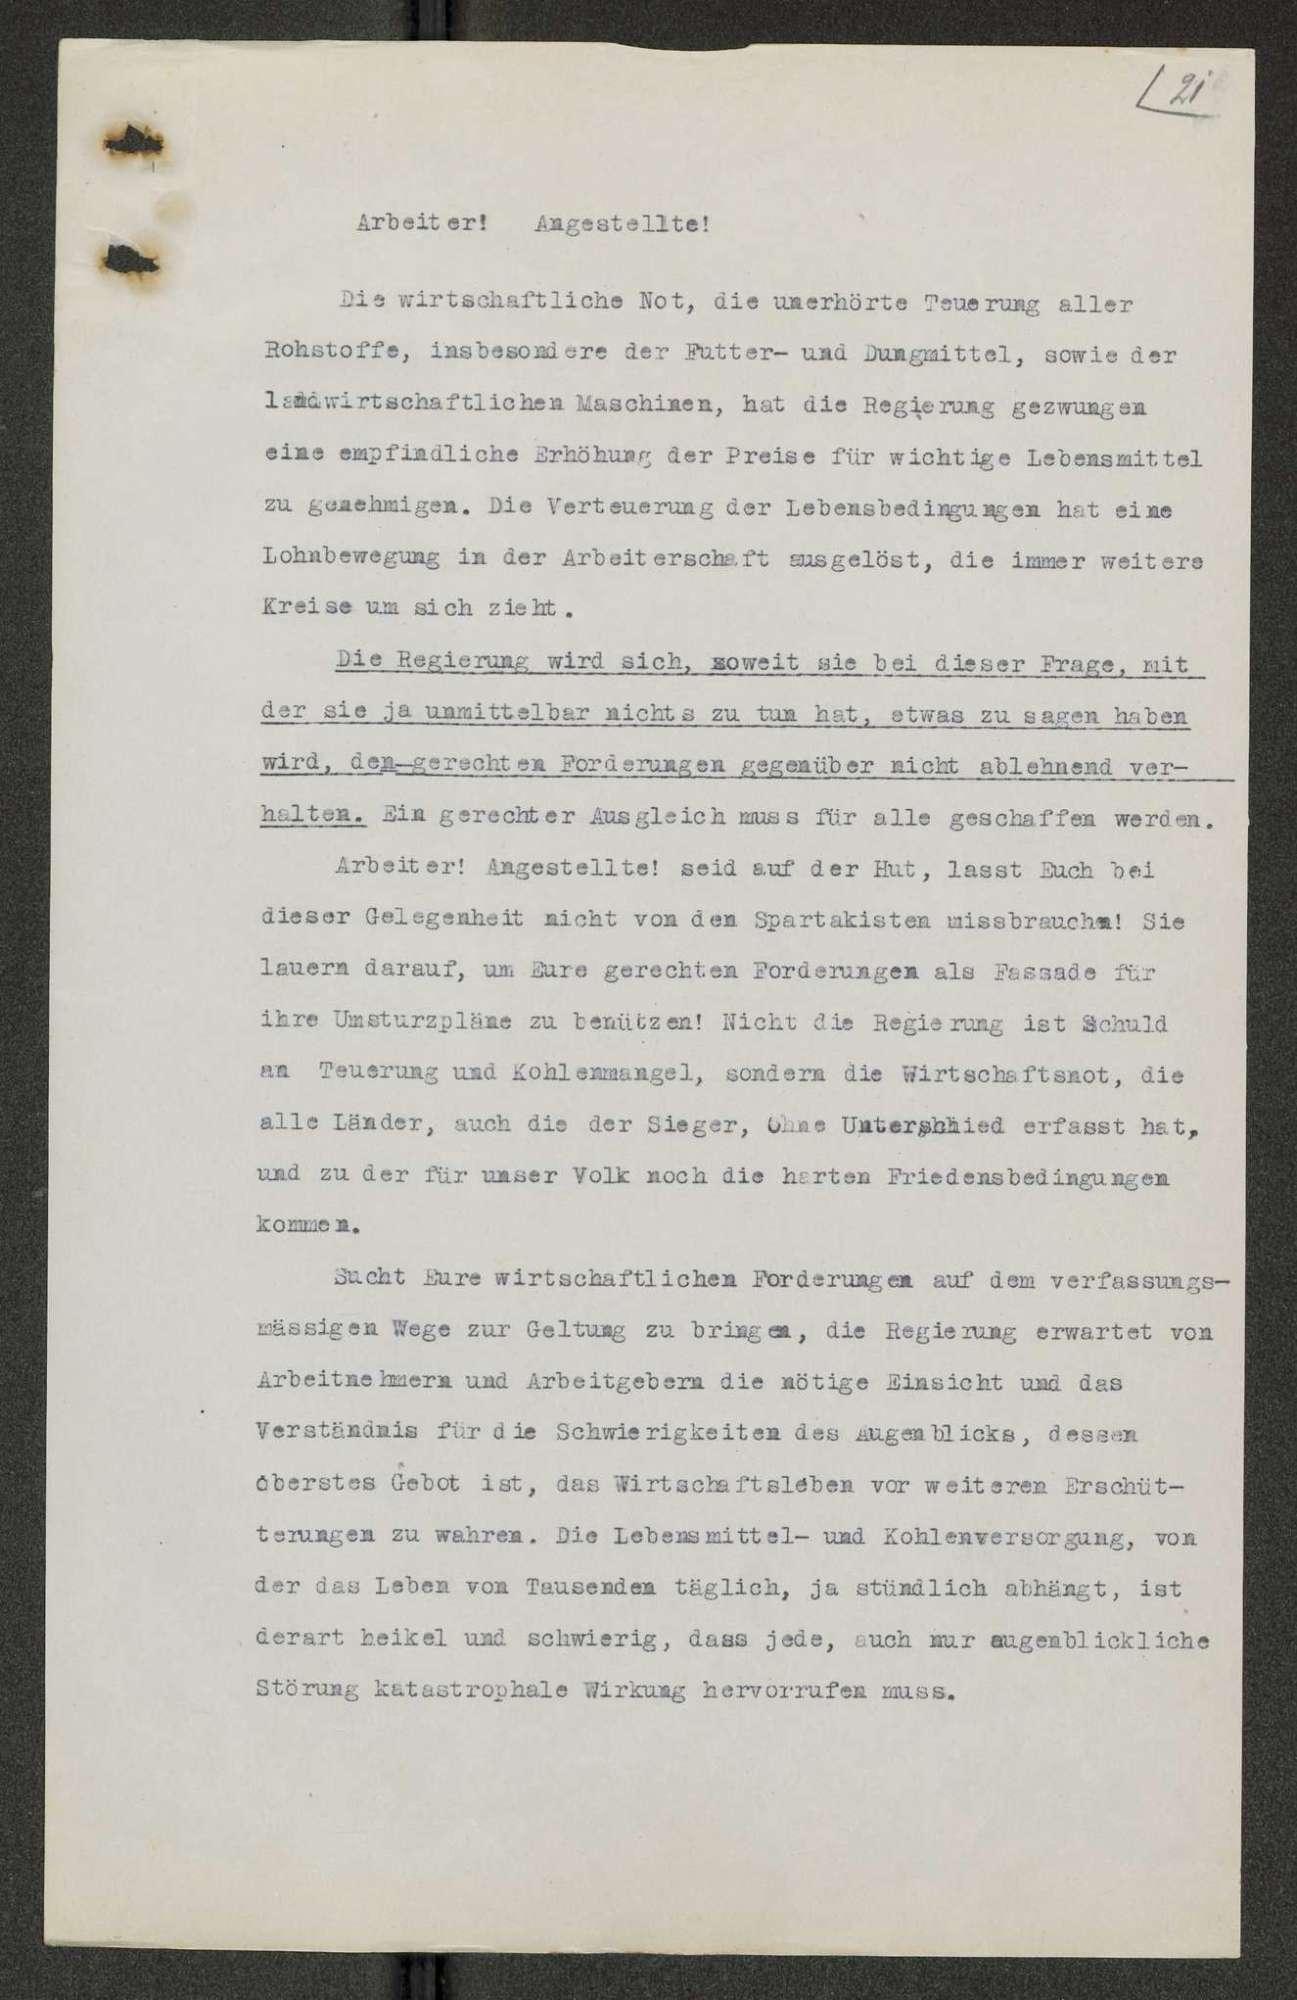 Aufrufe, Anordnungen, Verordnungen, Erlasse usw. der Provisorischen Regierung, die im Zusammenhang mit der Staatsumwälzung vom 09.11.1918 ergangen sind, Bild 2